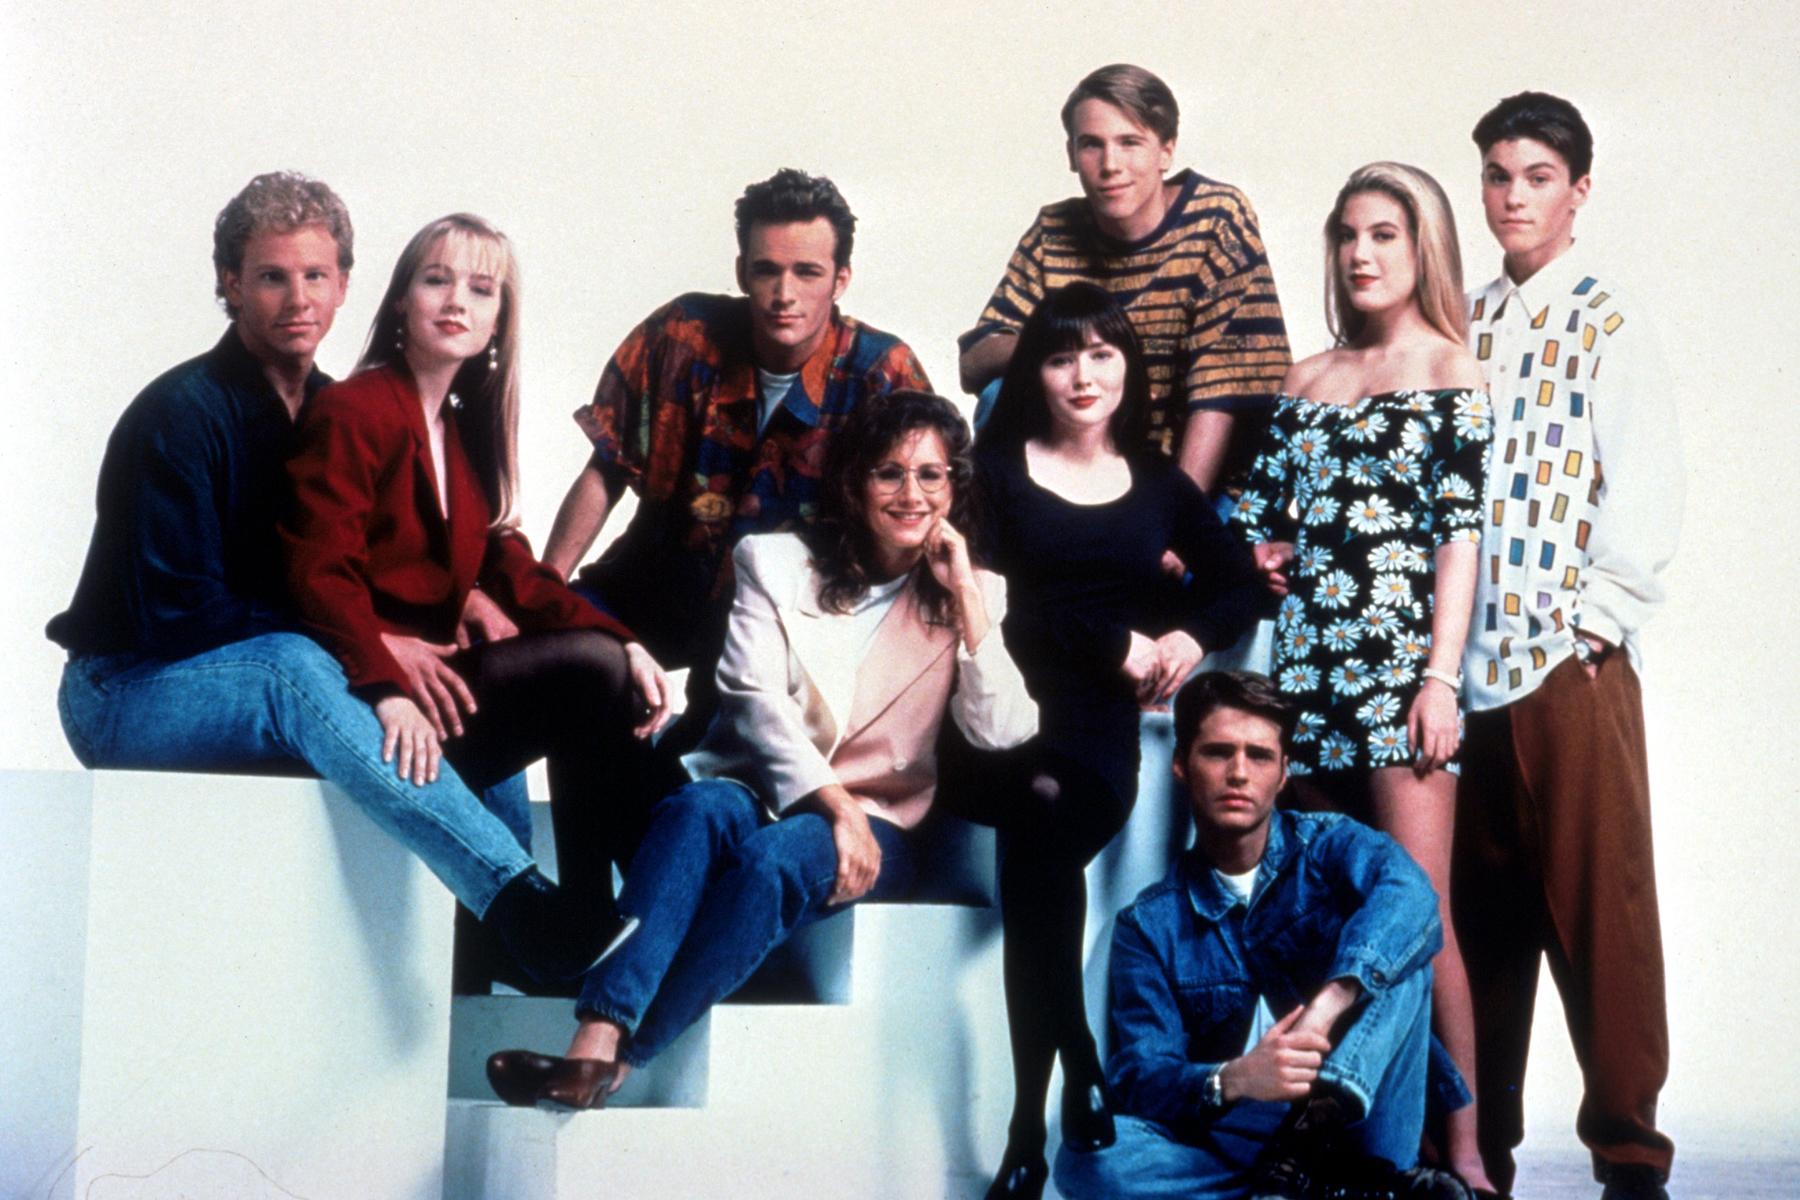 Trepida attesa per il Ritorno della serie Beverly Hills 90210. Il cast